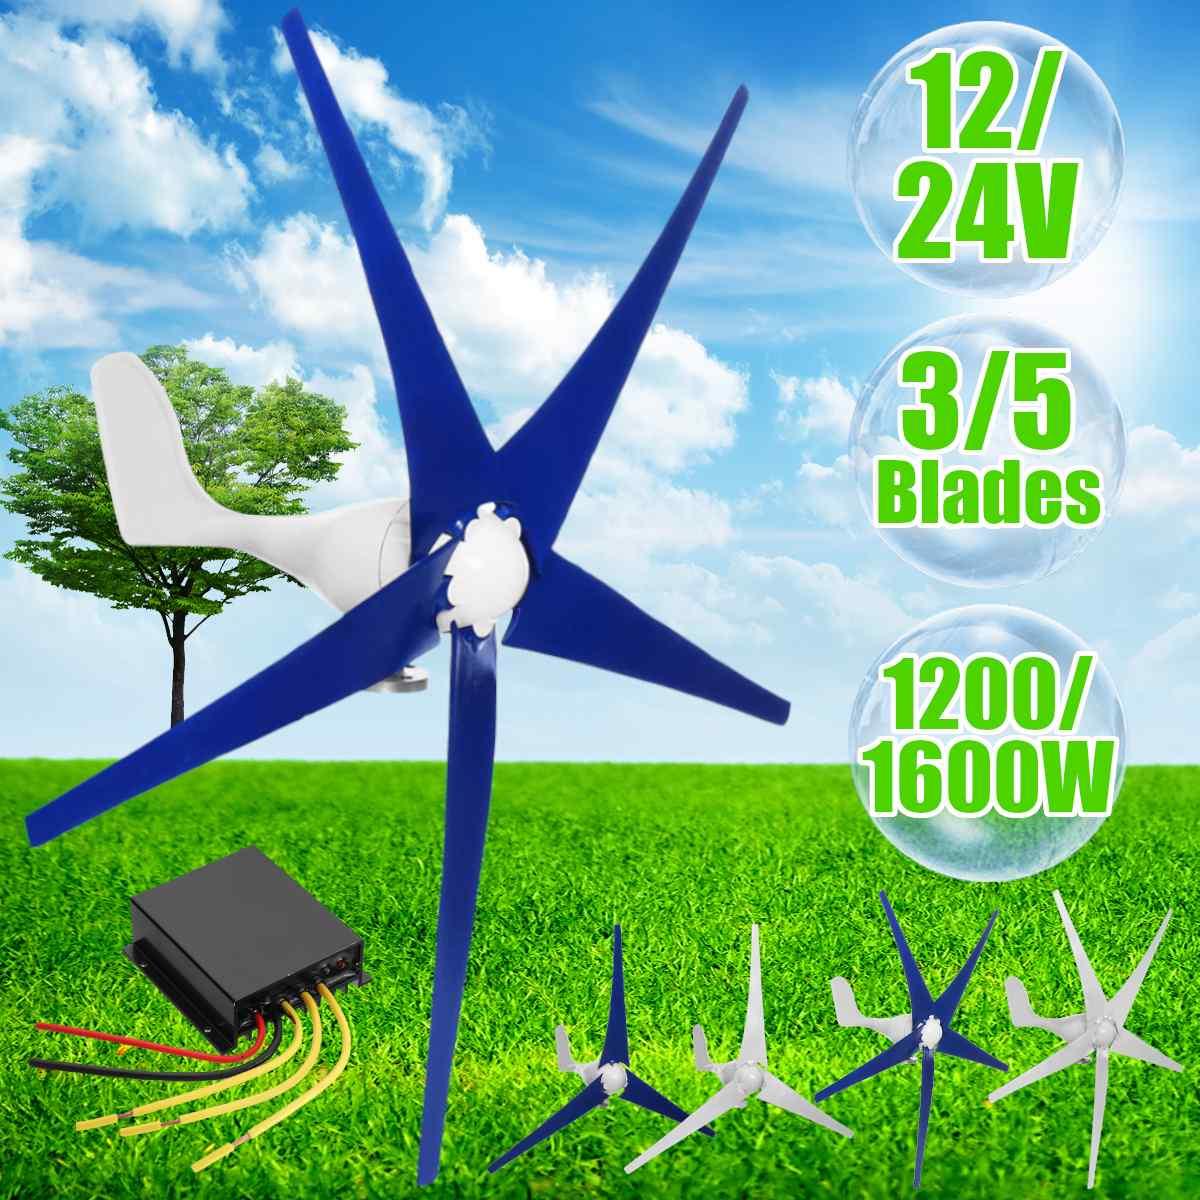 1200/1600 W vent pour Turbine Generator3/5 pales de vent Option contrôleur de vent cadeau adapté pour la maison ou le Camping + accessoires de montage - 2